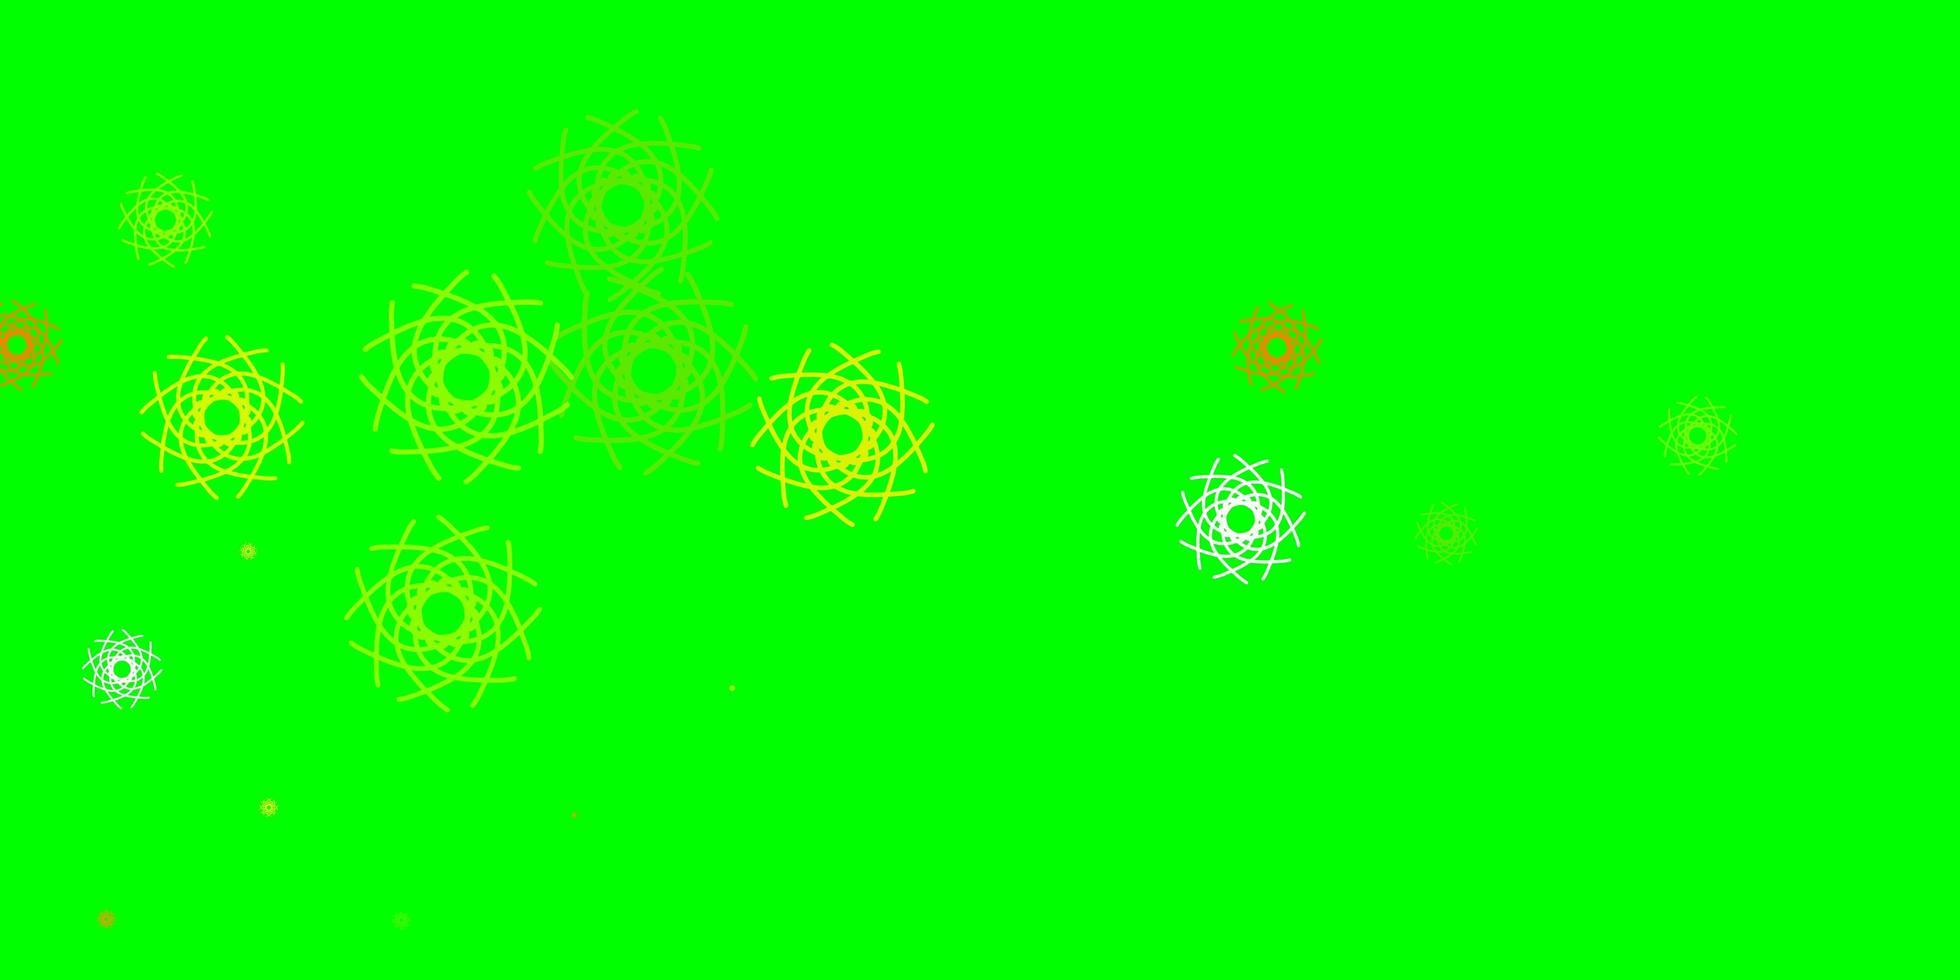 plantilla de vector verde claro, amarillo con formas abstractas.